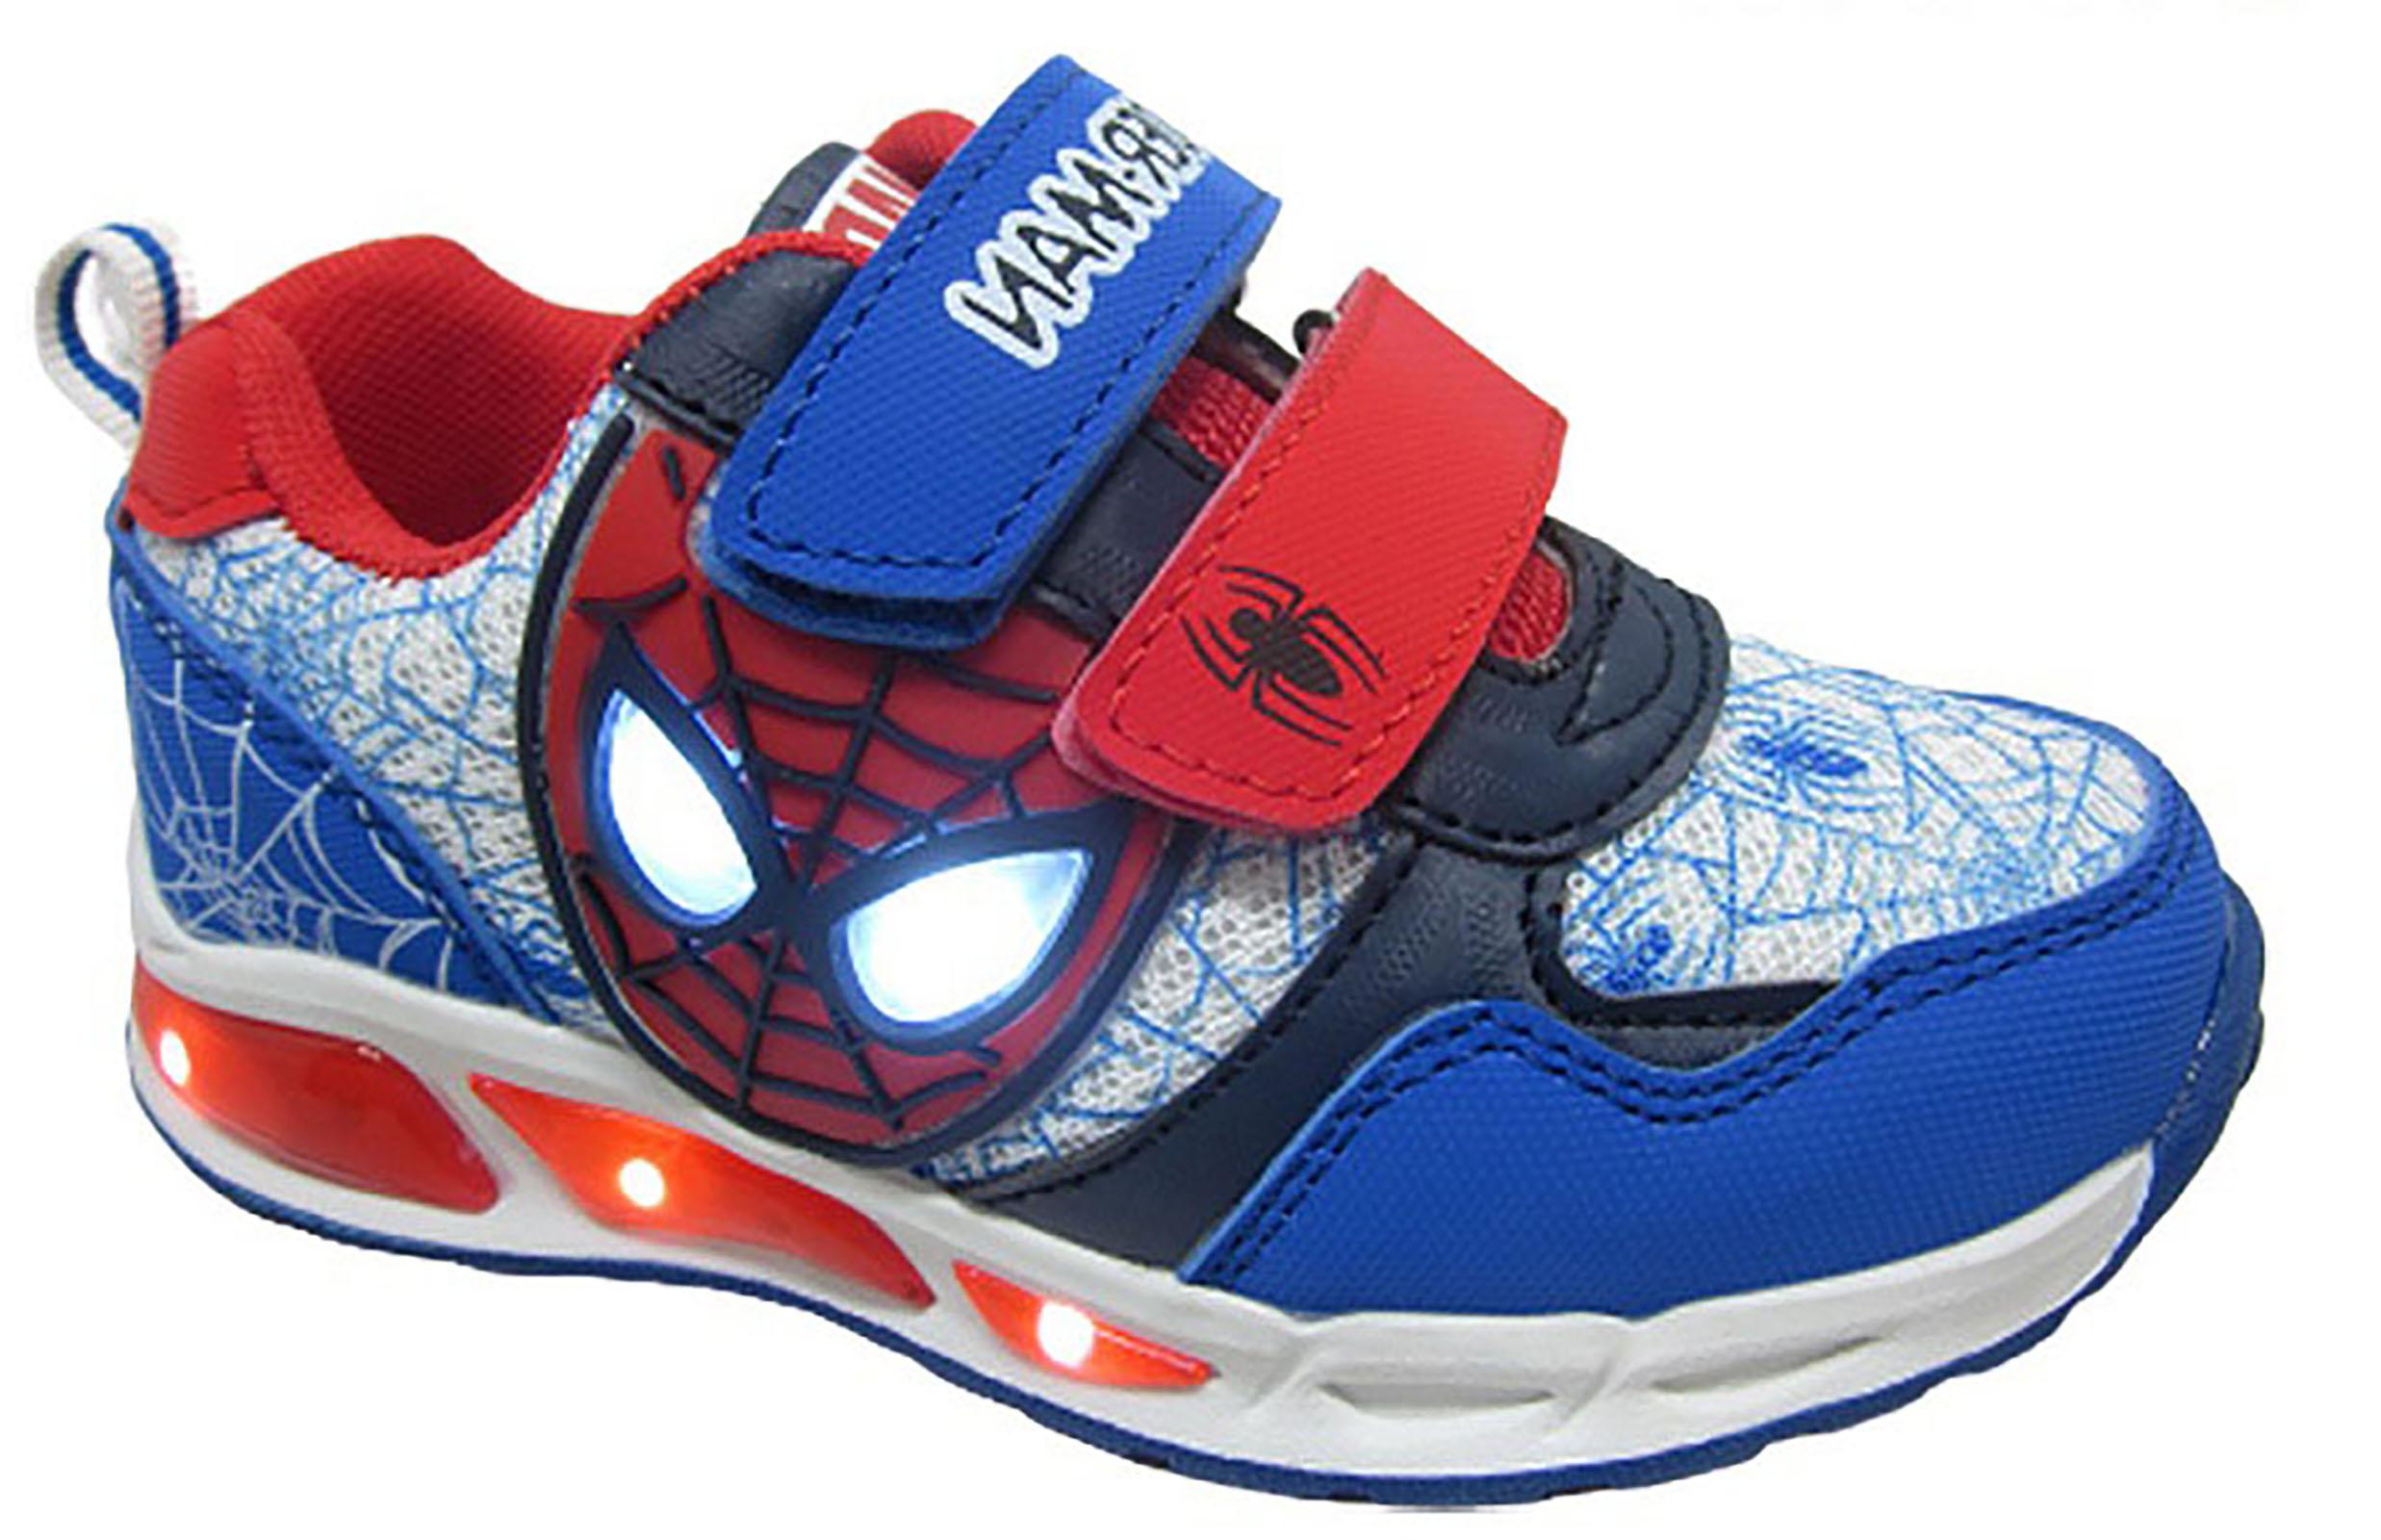 Scarpe Bambino con luci Spiderman Mis. dal 24 al 34